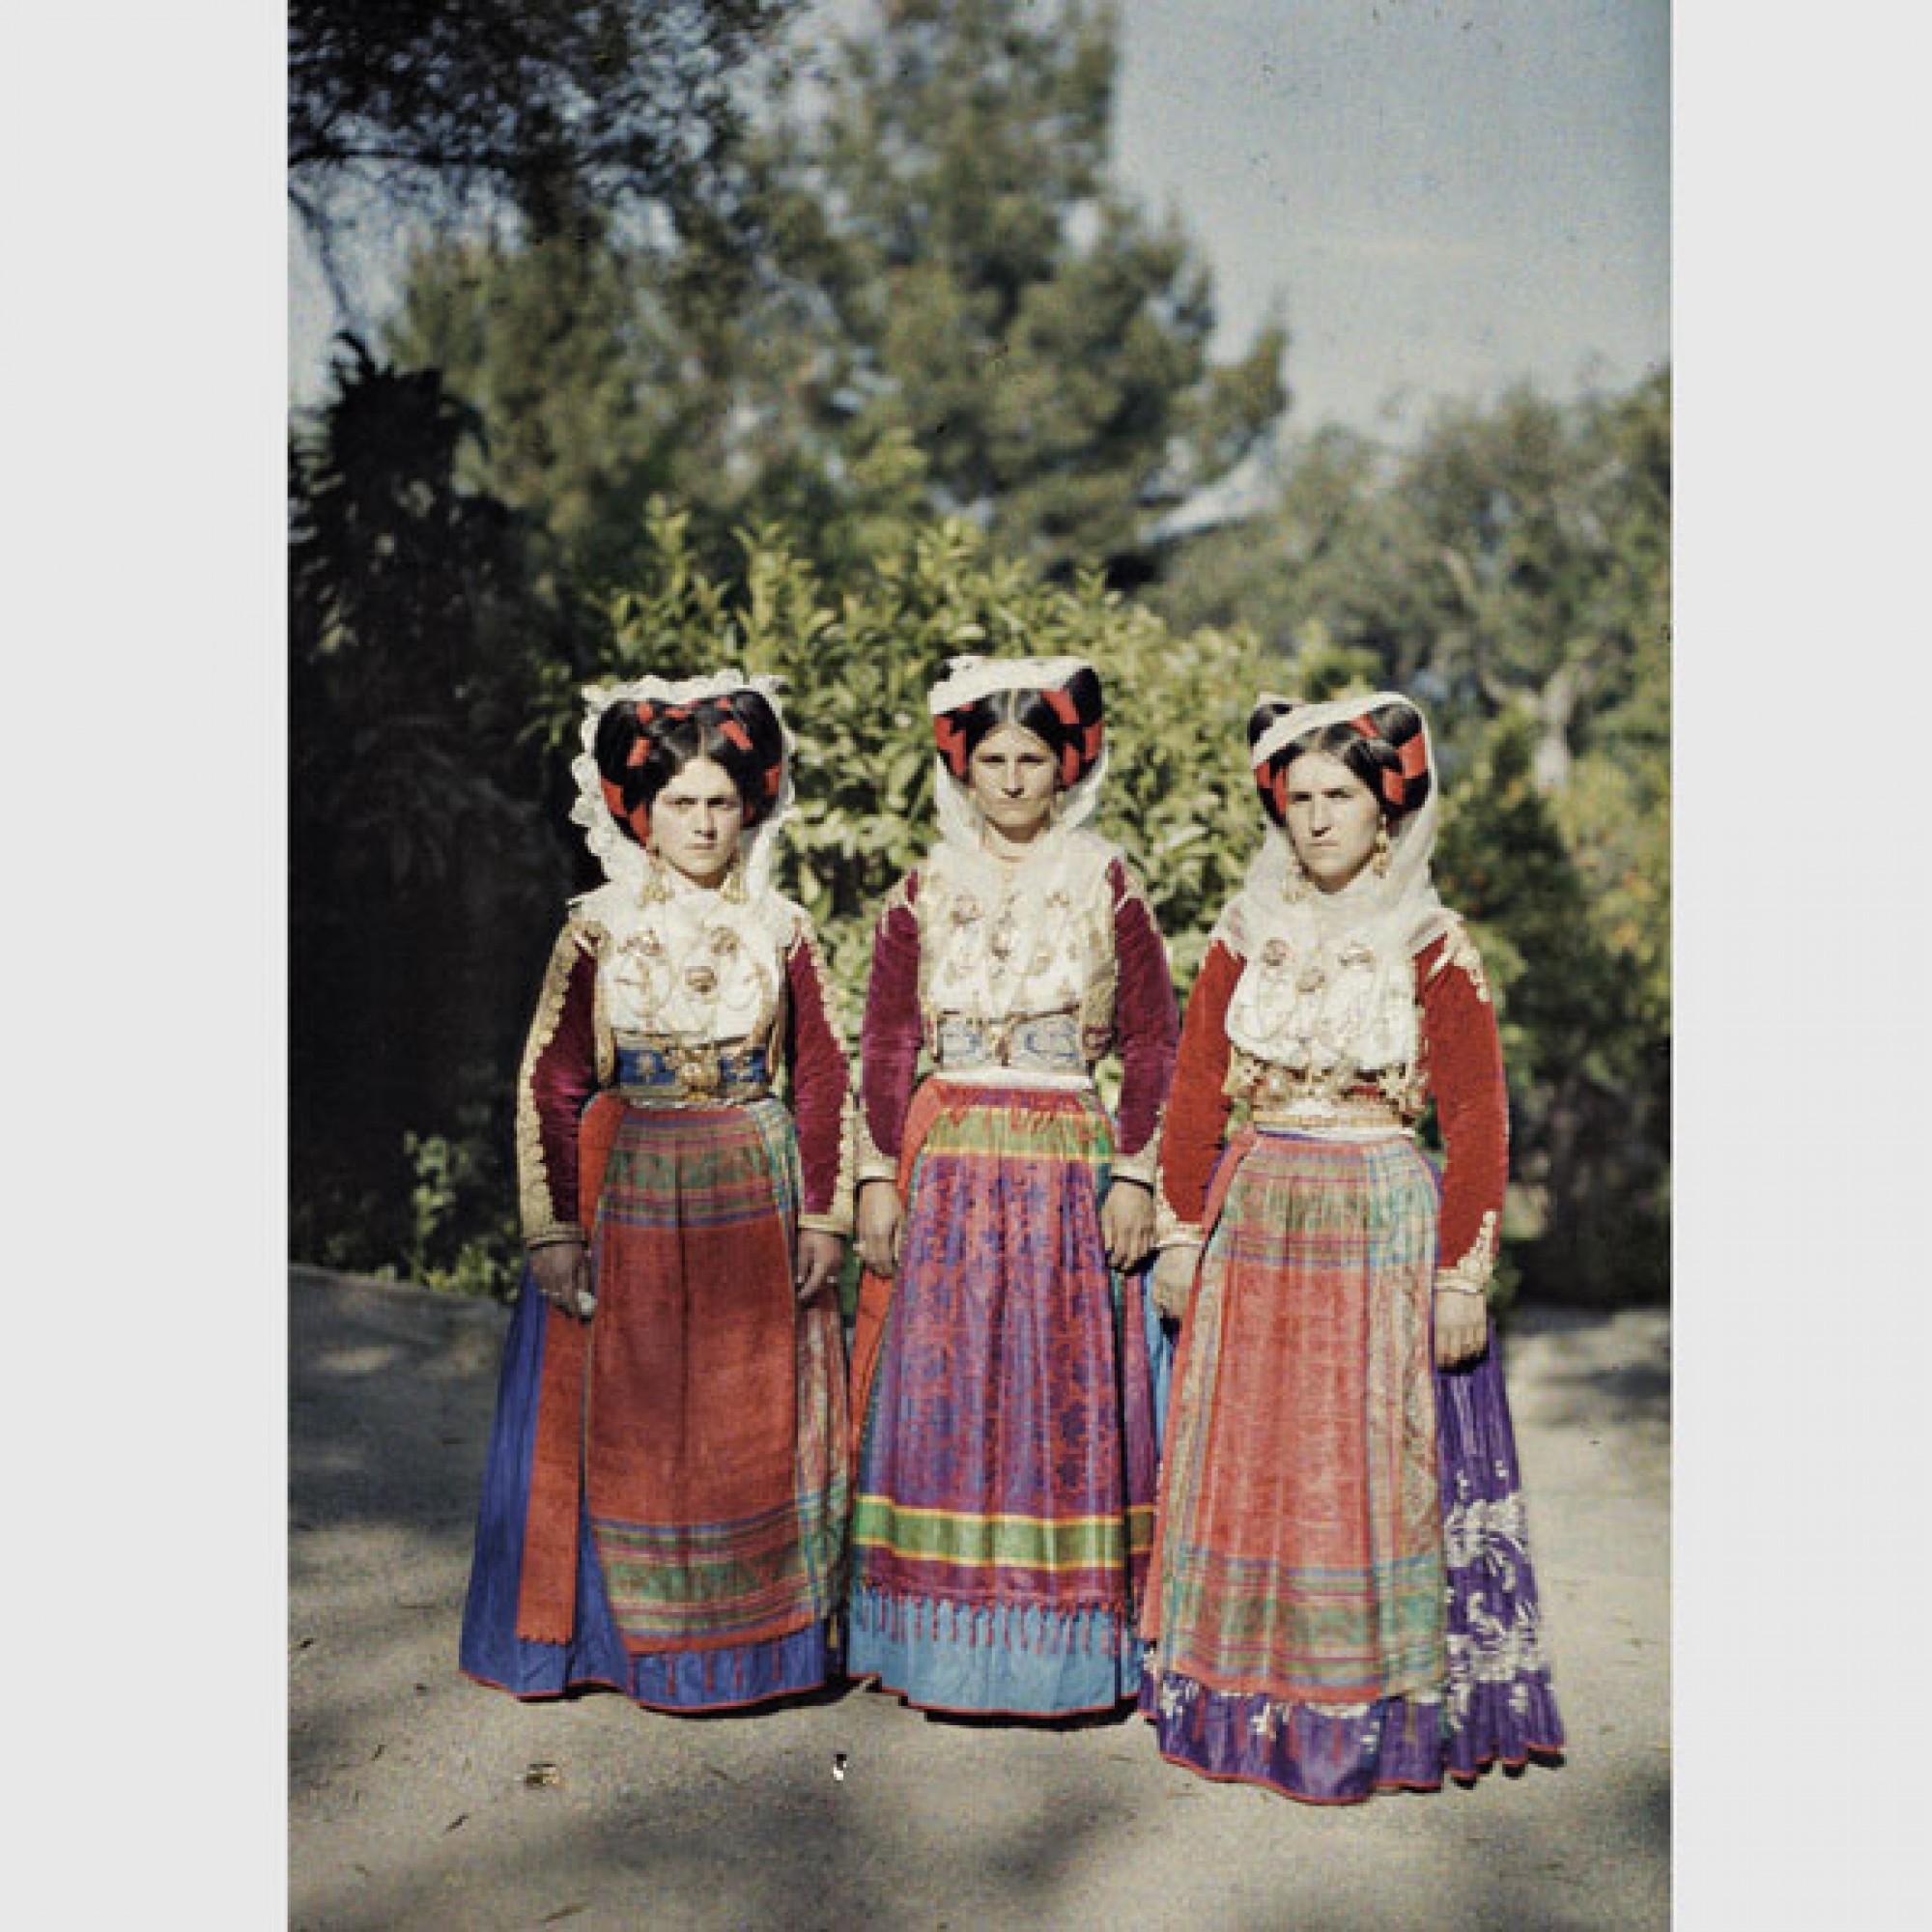 Auguste Léon, Griechenland, Korfu, Drei Frauen in traditioneller Kleidung ,1913.  (Musée Albert-Kahn, Département des Hauts-de-Seine)